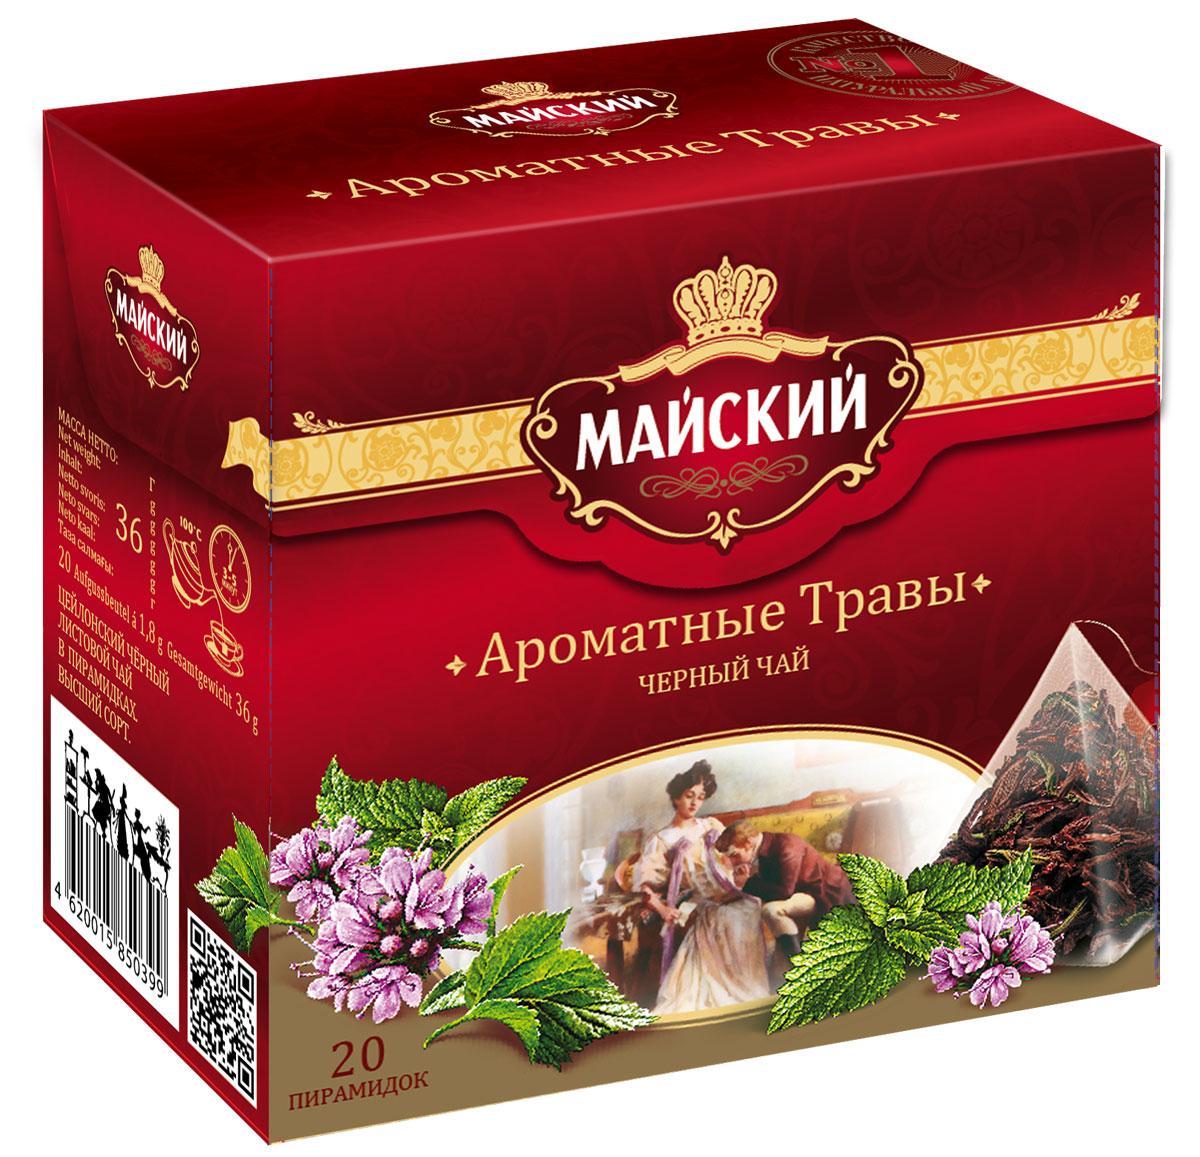 Майский Ароматные травы черный чай в пирамидках, 20 шт куплю дом в поселке майский белгородский район